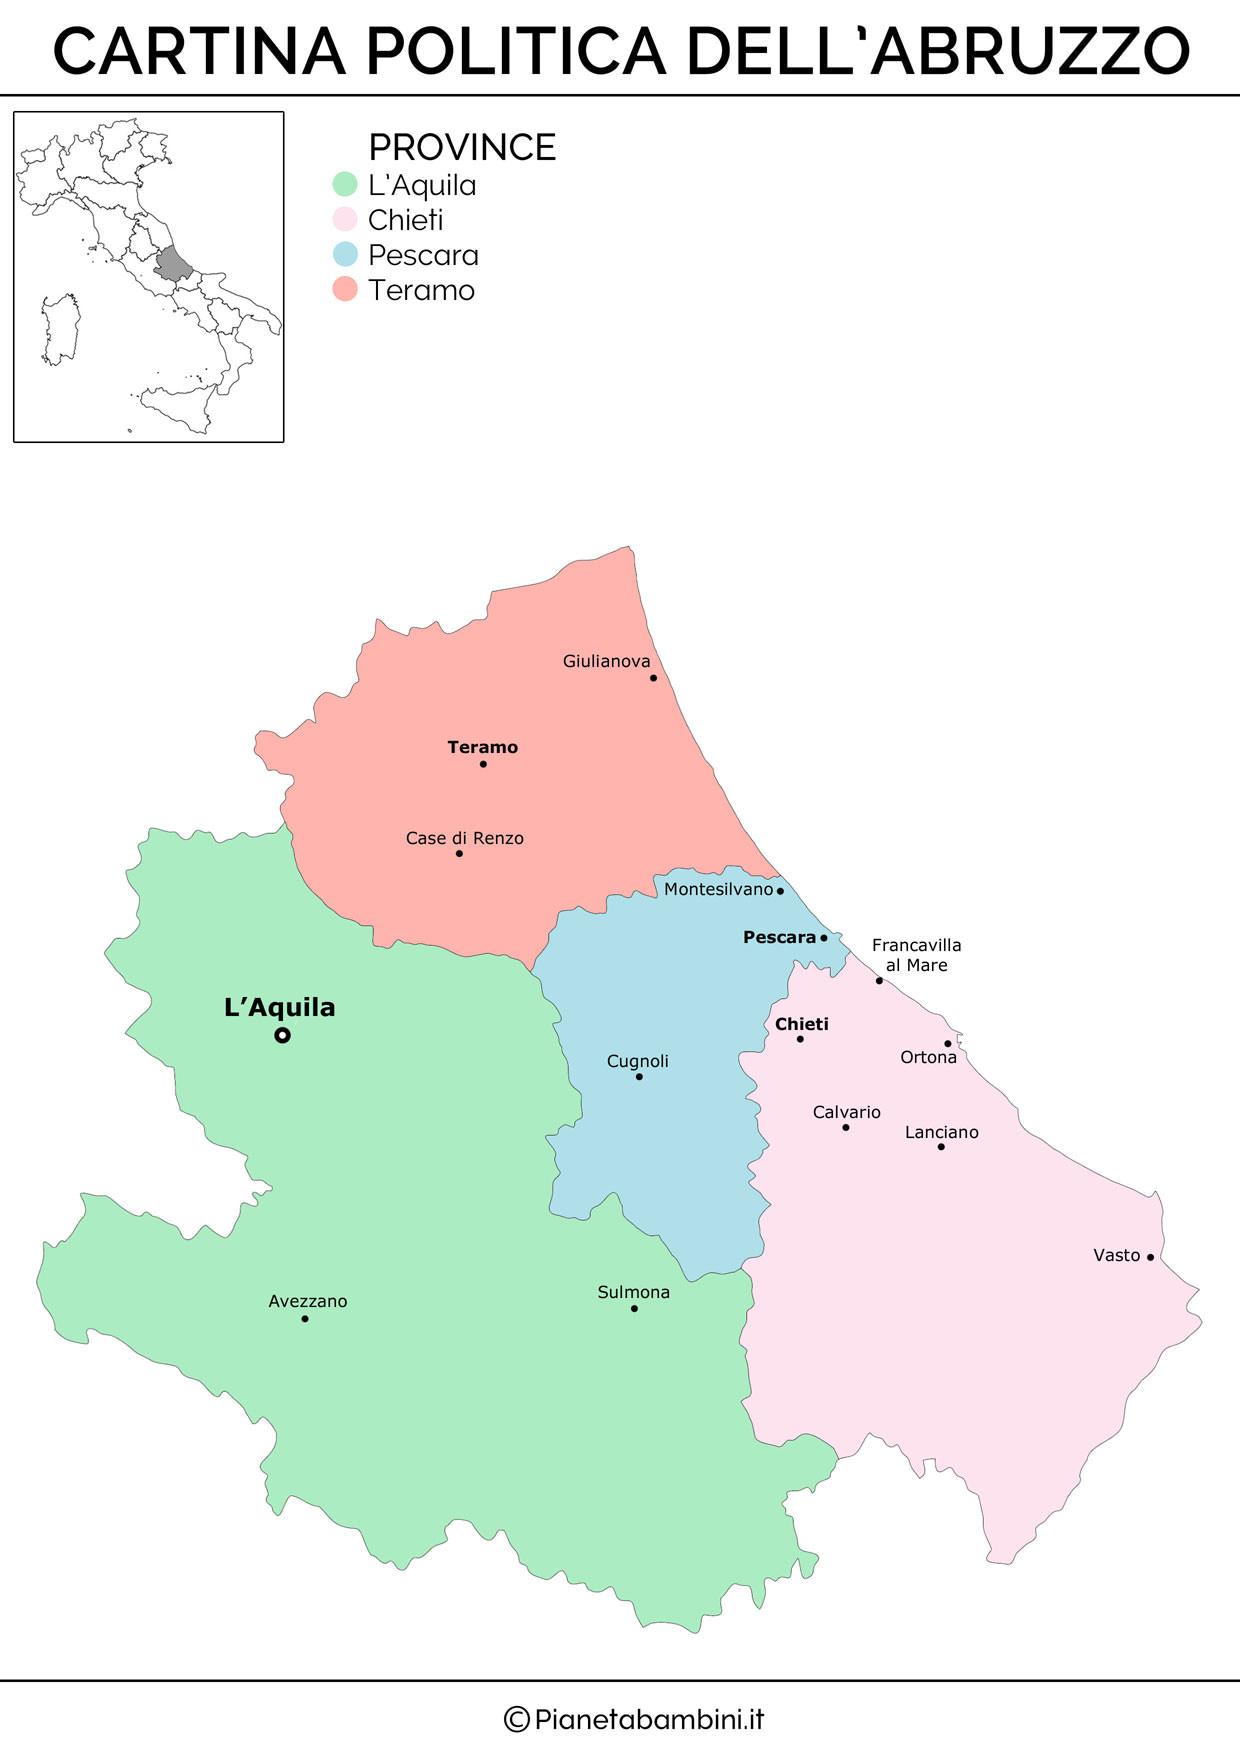 Cartina politica dell'Abruzzo da stampare gratis